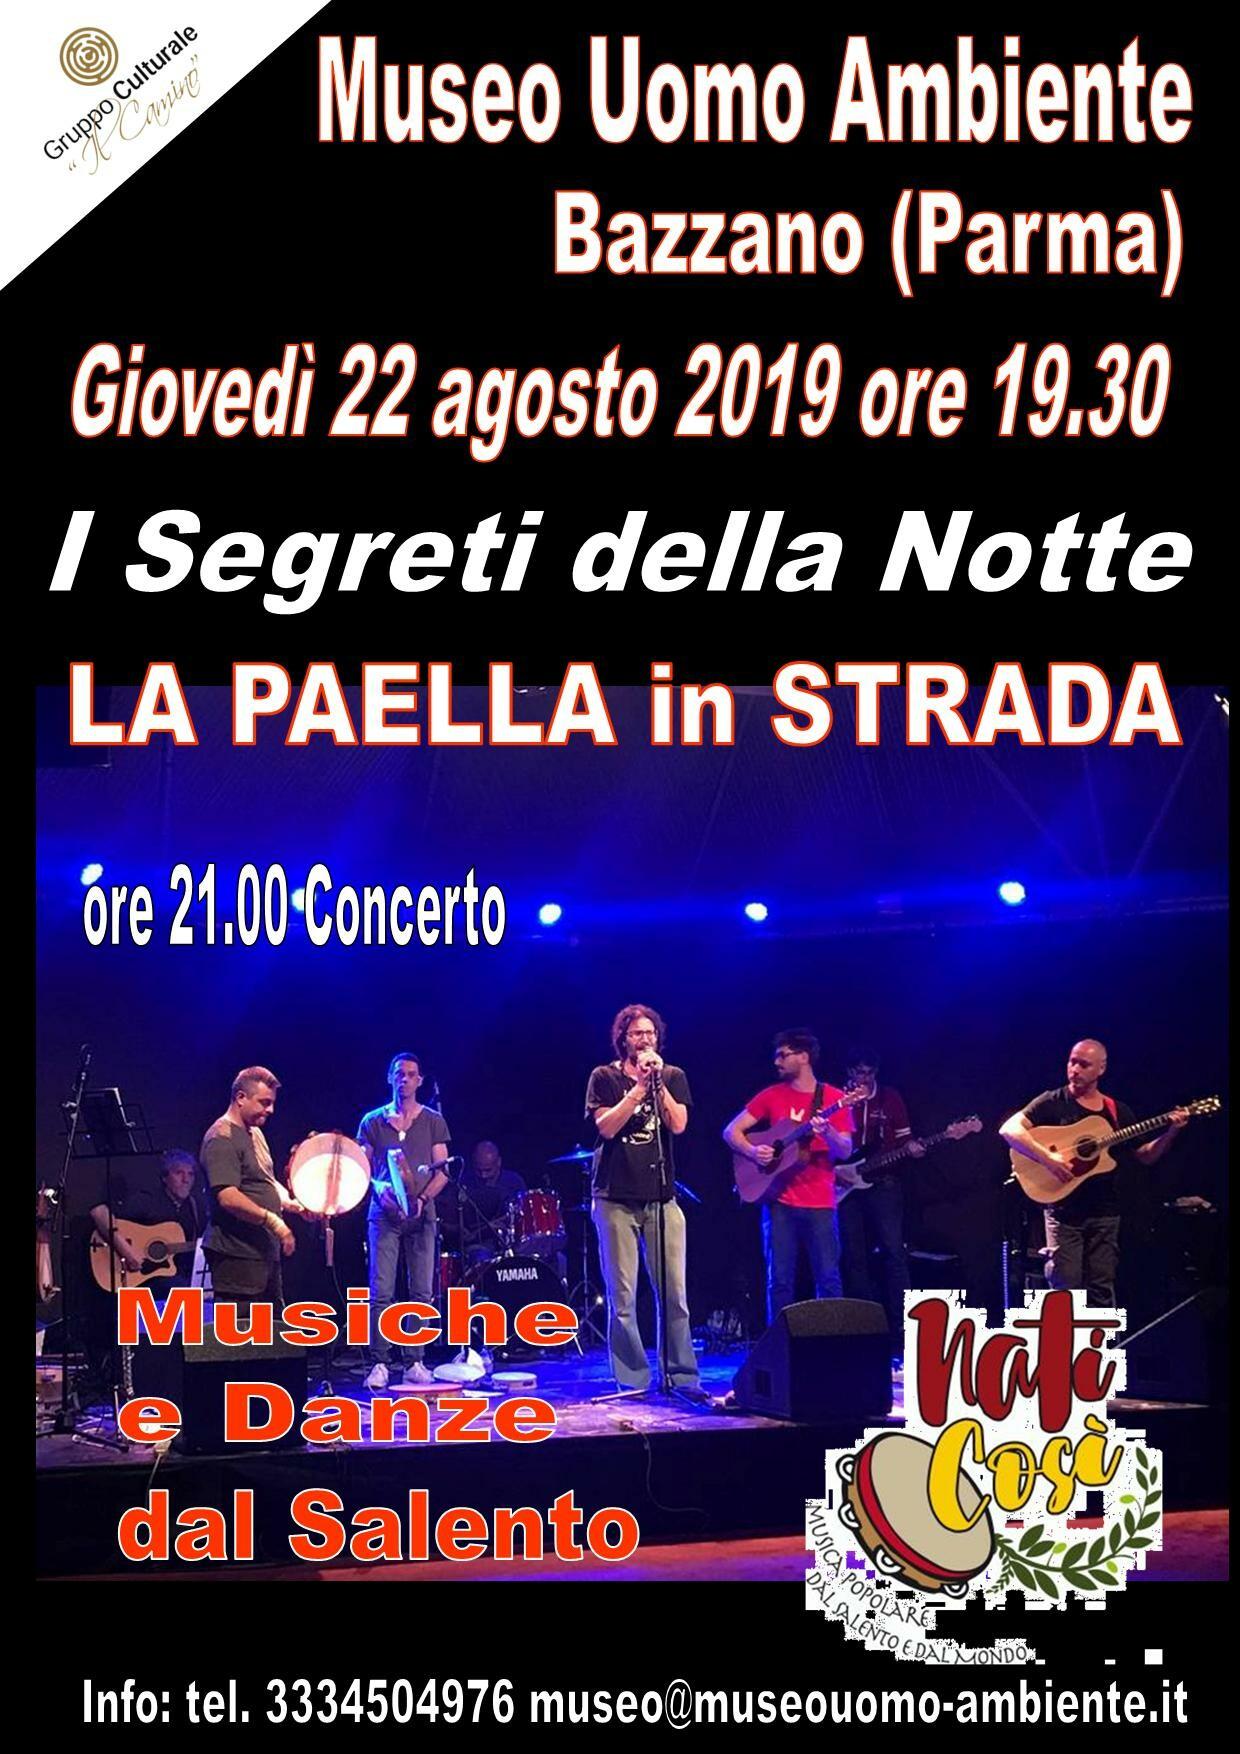 I segreti della notte: paella in strada e concerto a Bazzano